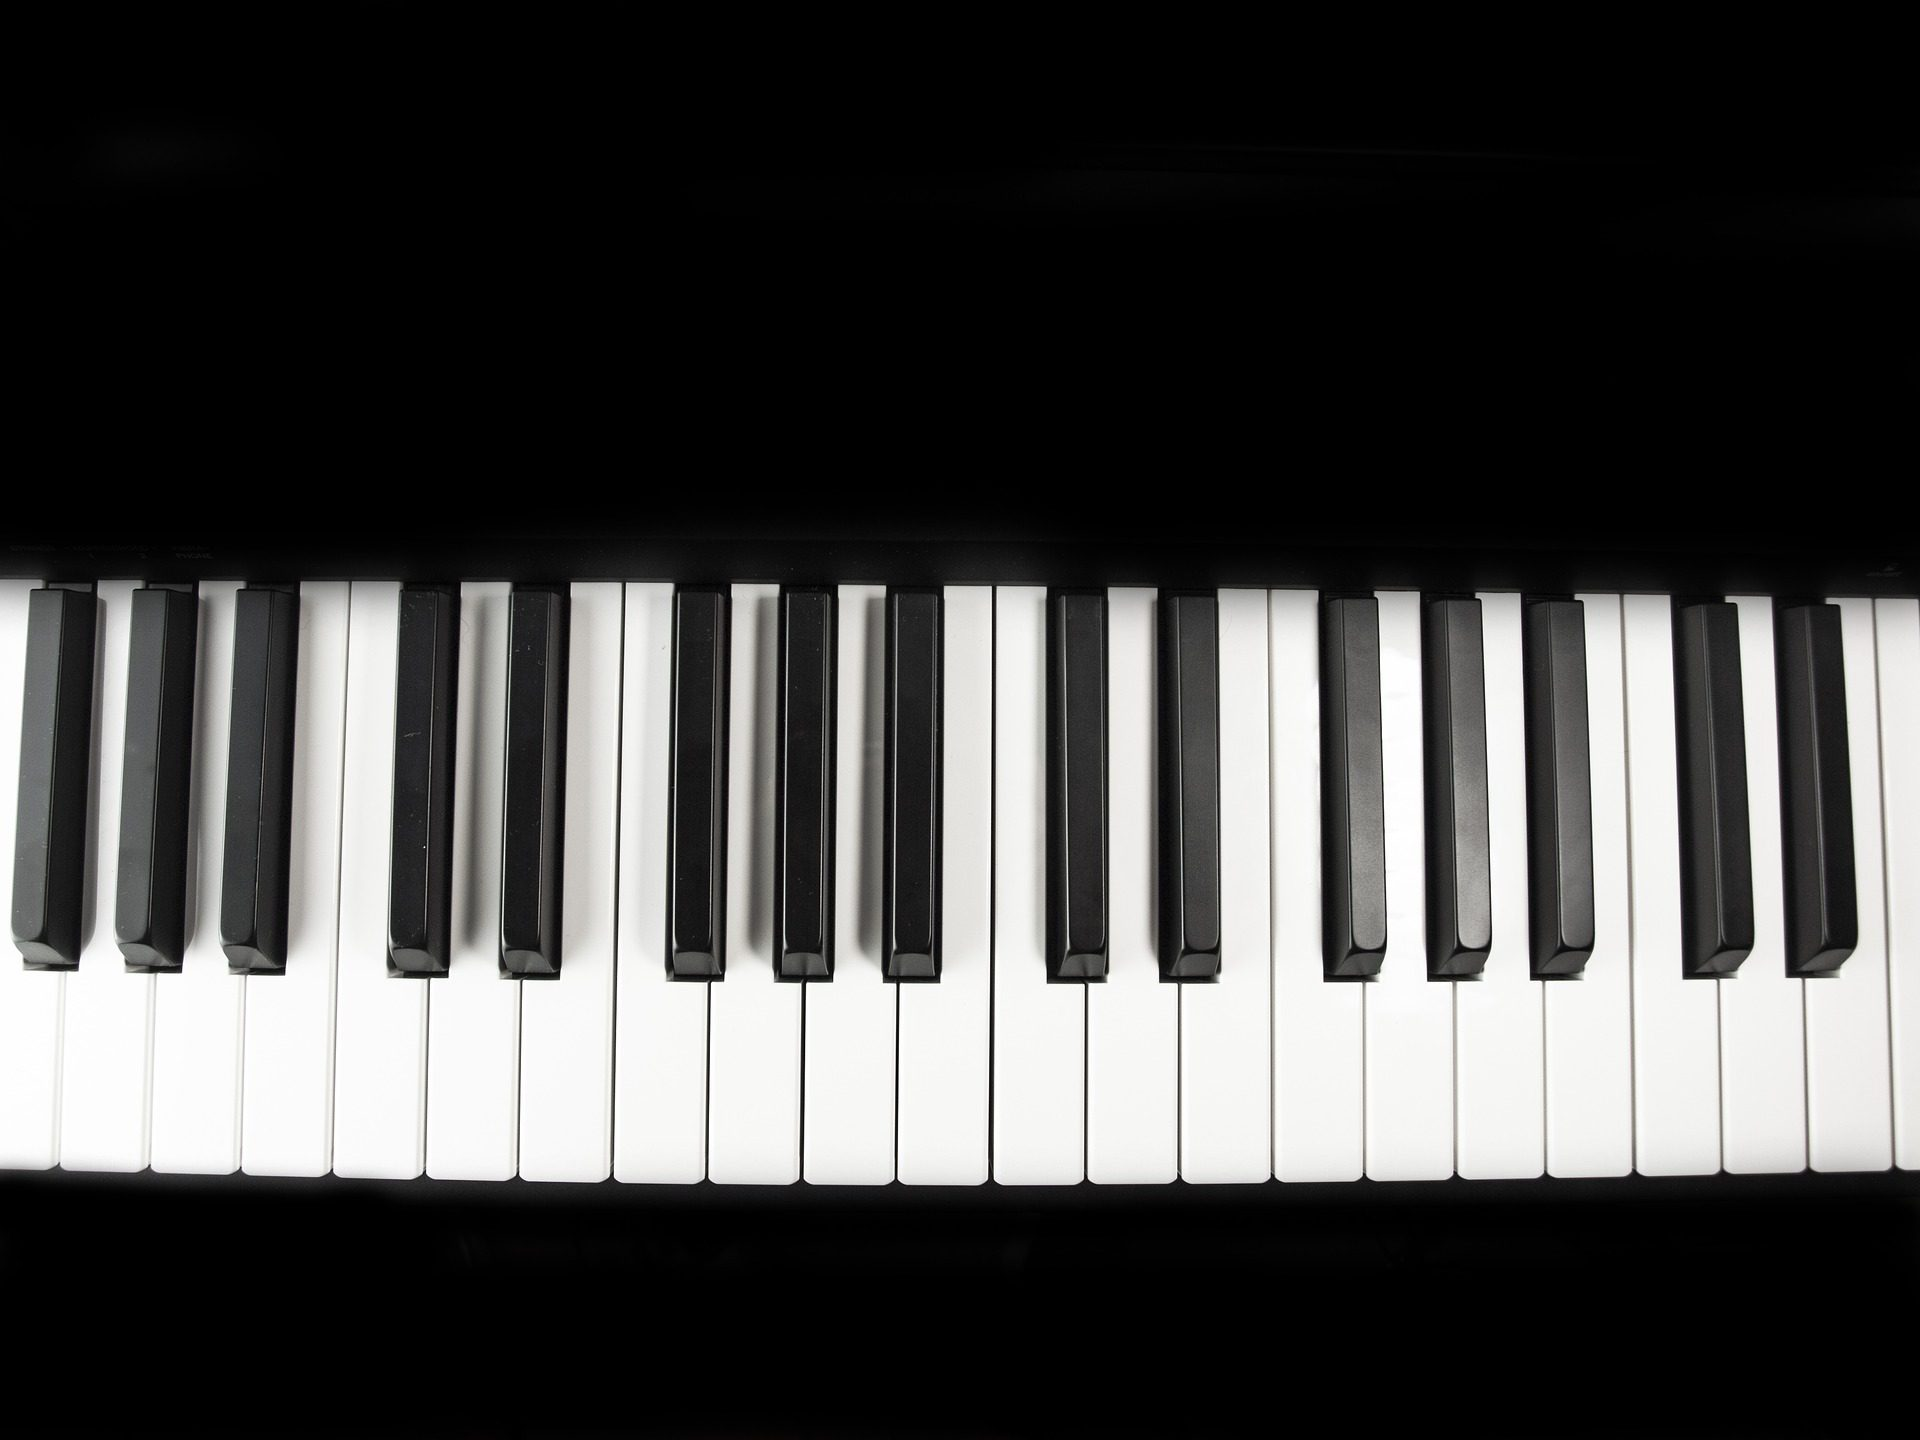 piano-2412398_1920